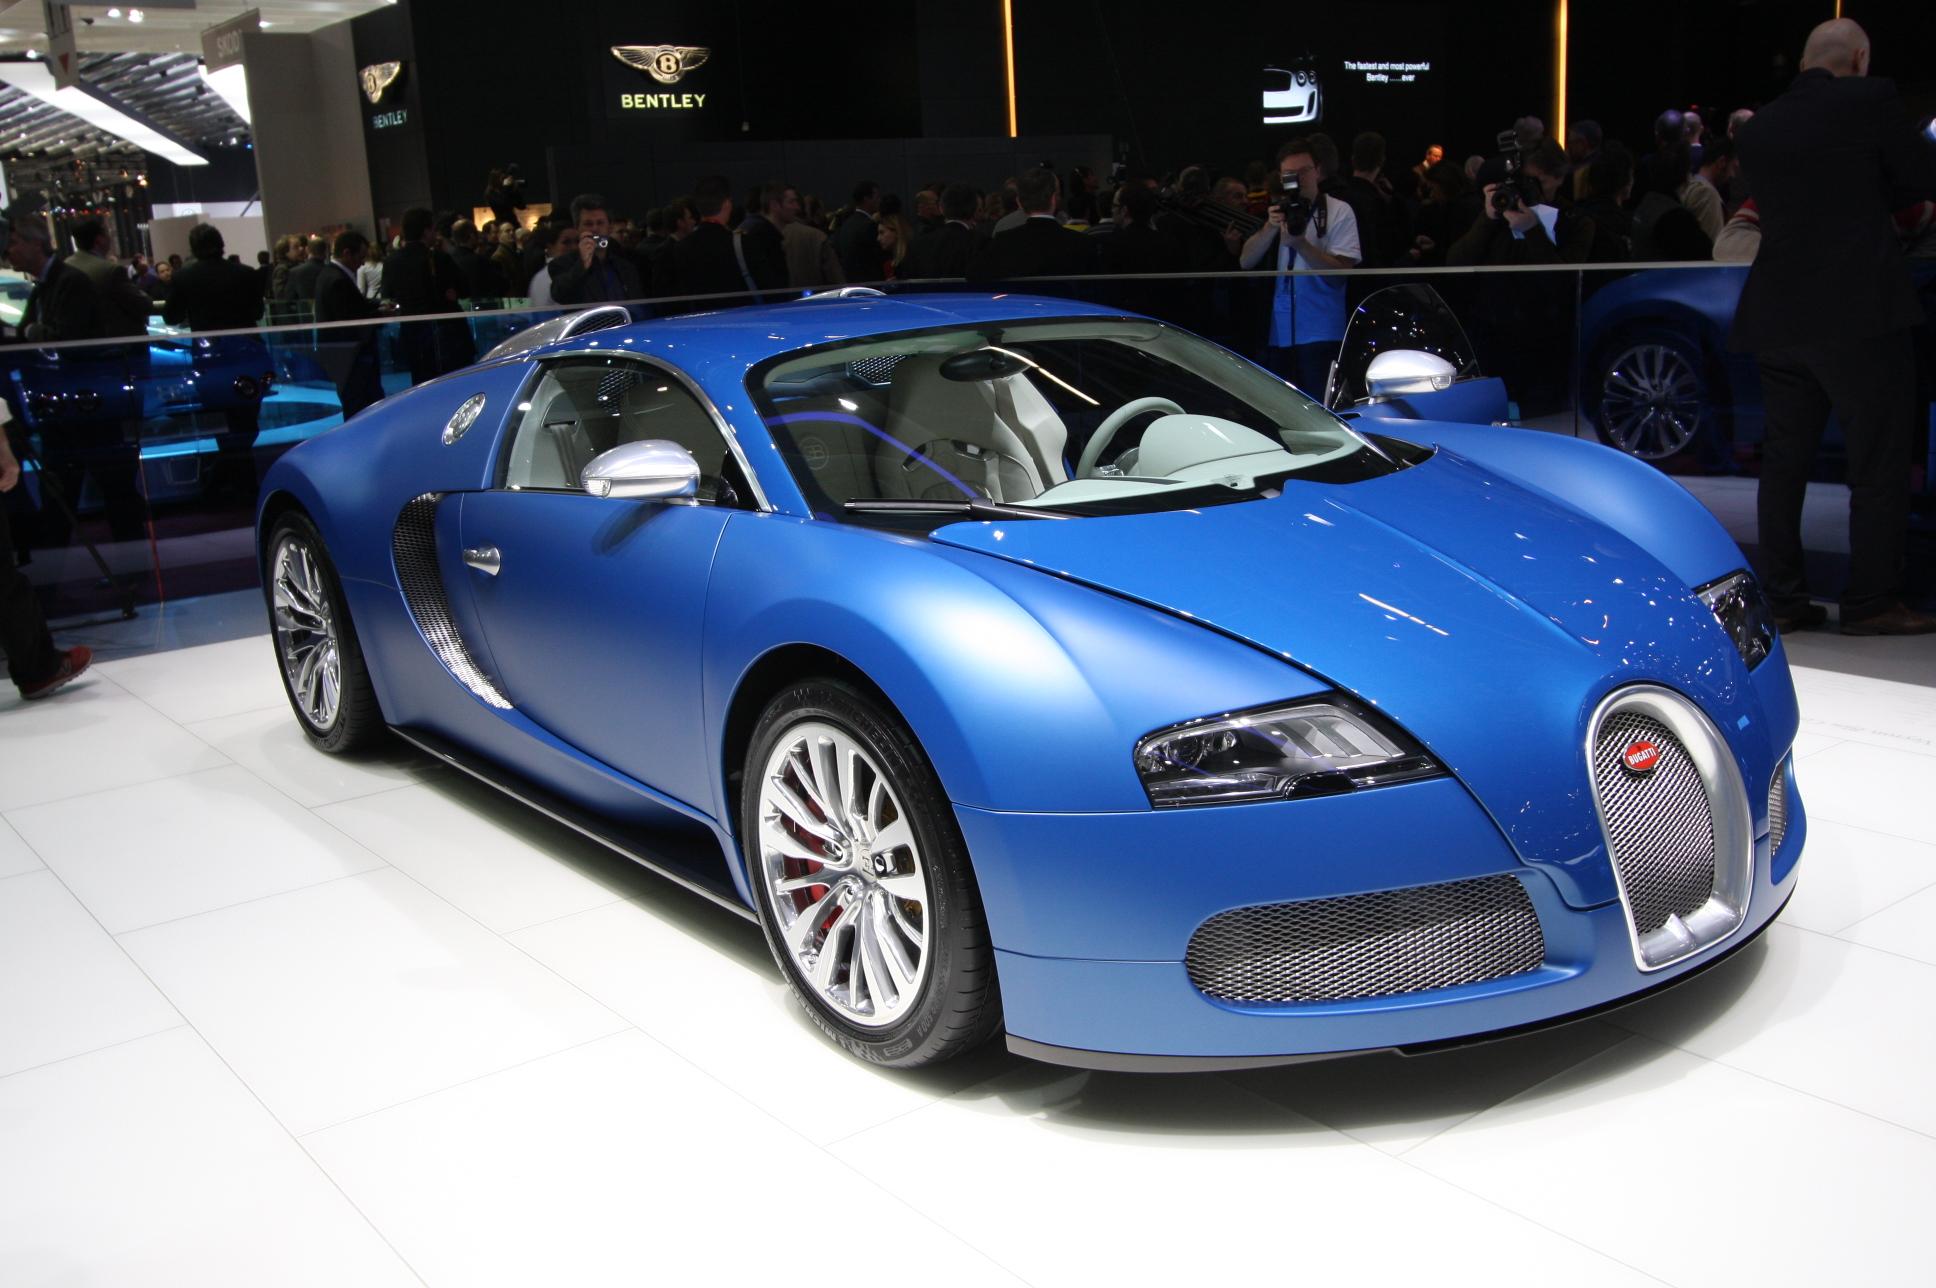 S0-Bugatti-Veyron-Bleu-Centenaire-celebration-coloree-54376 Exciting Bugatti Veyron Grand Sport Vitesse Fiche Technique Cars Trend